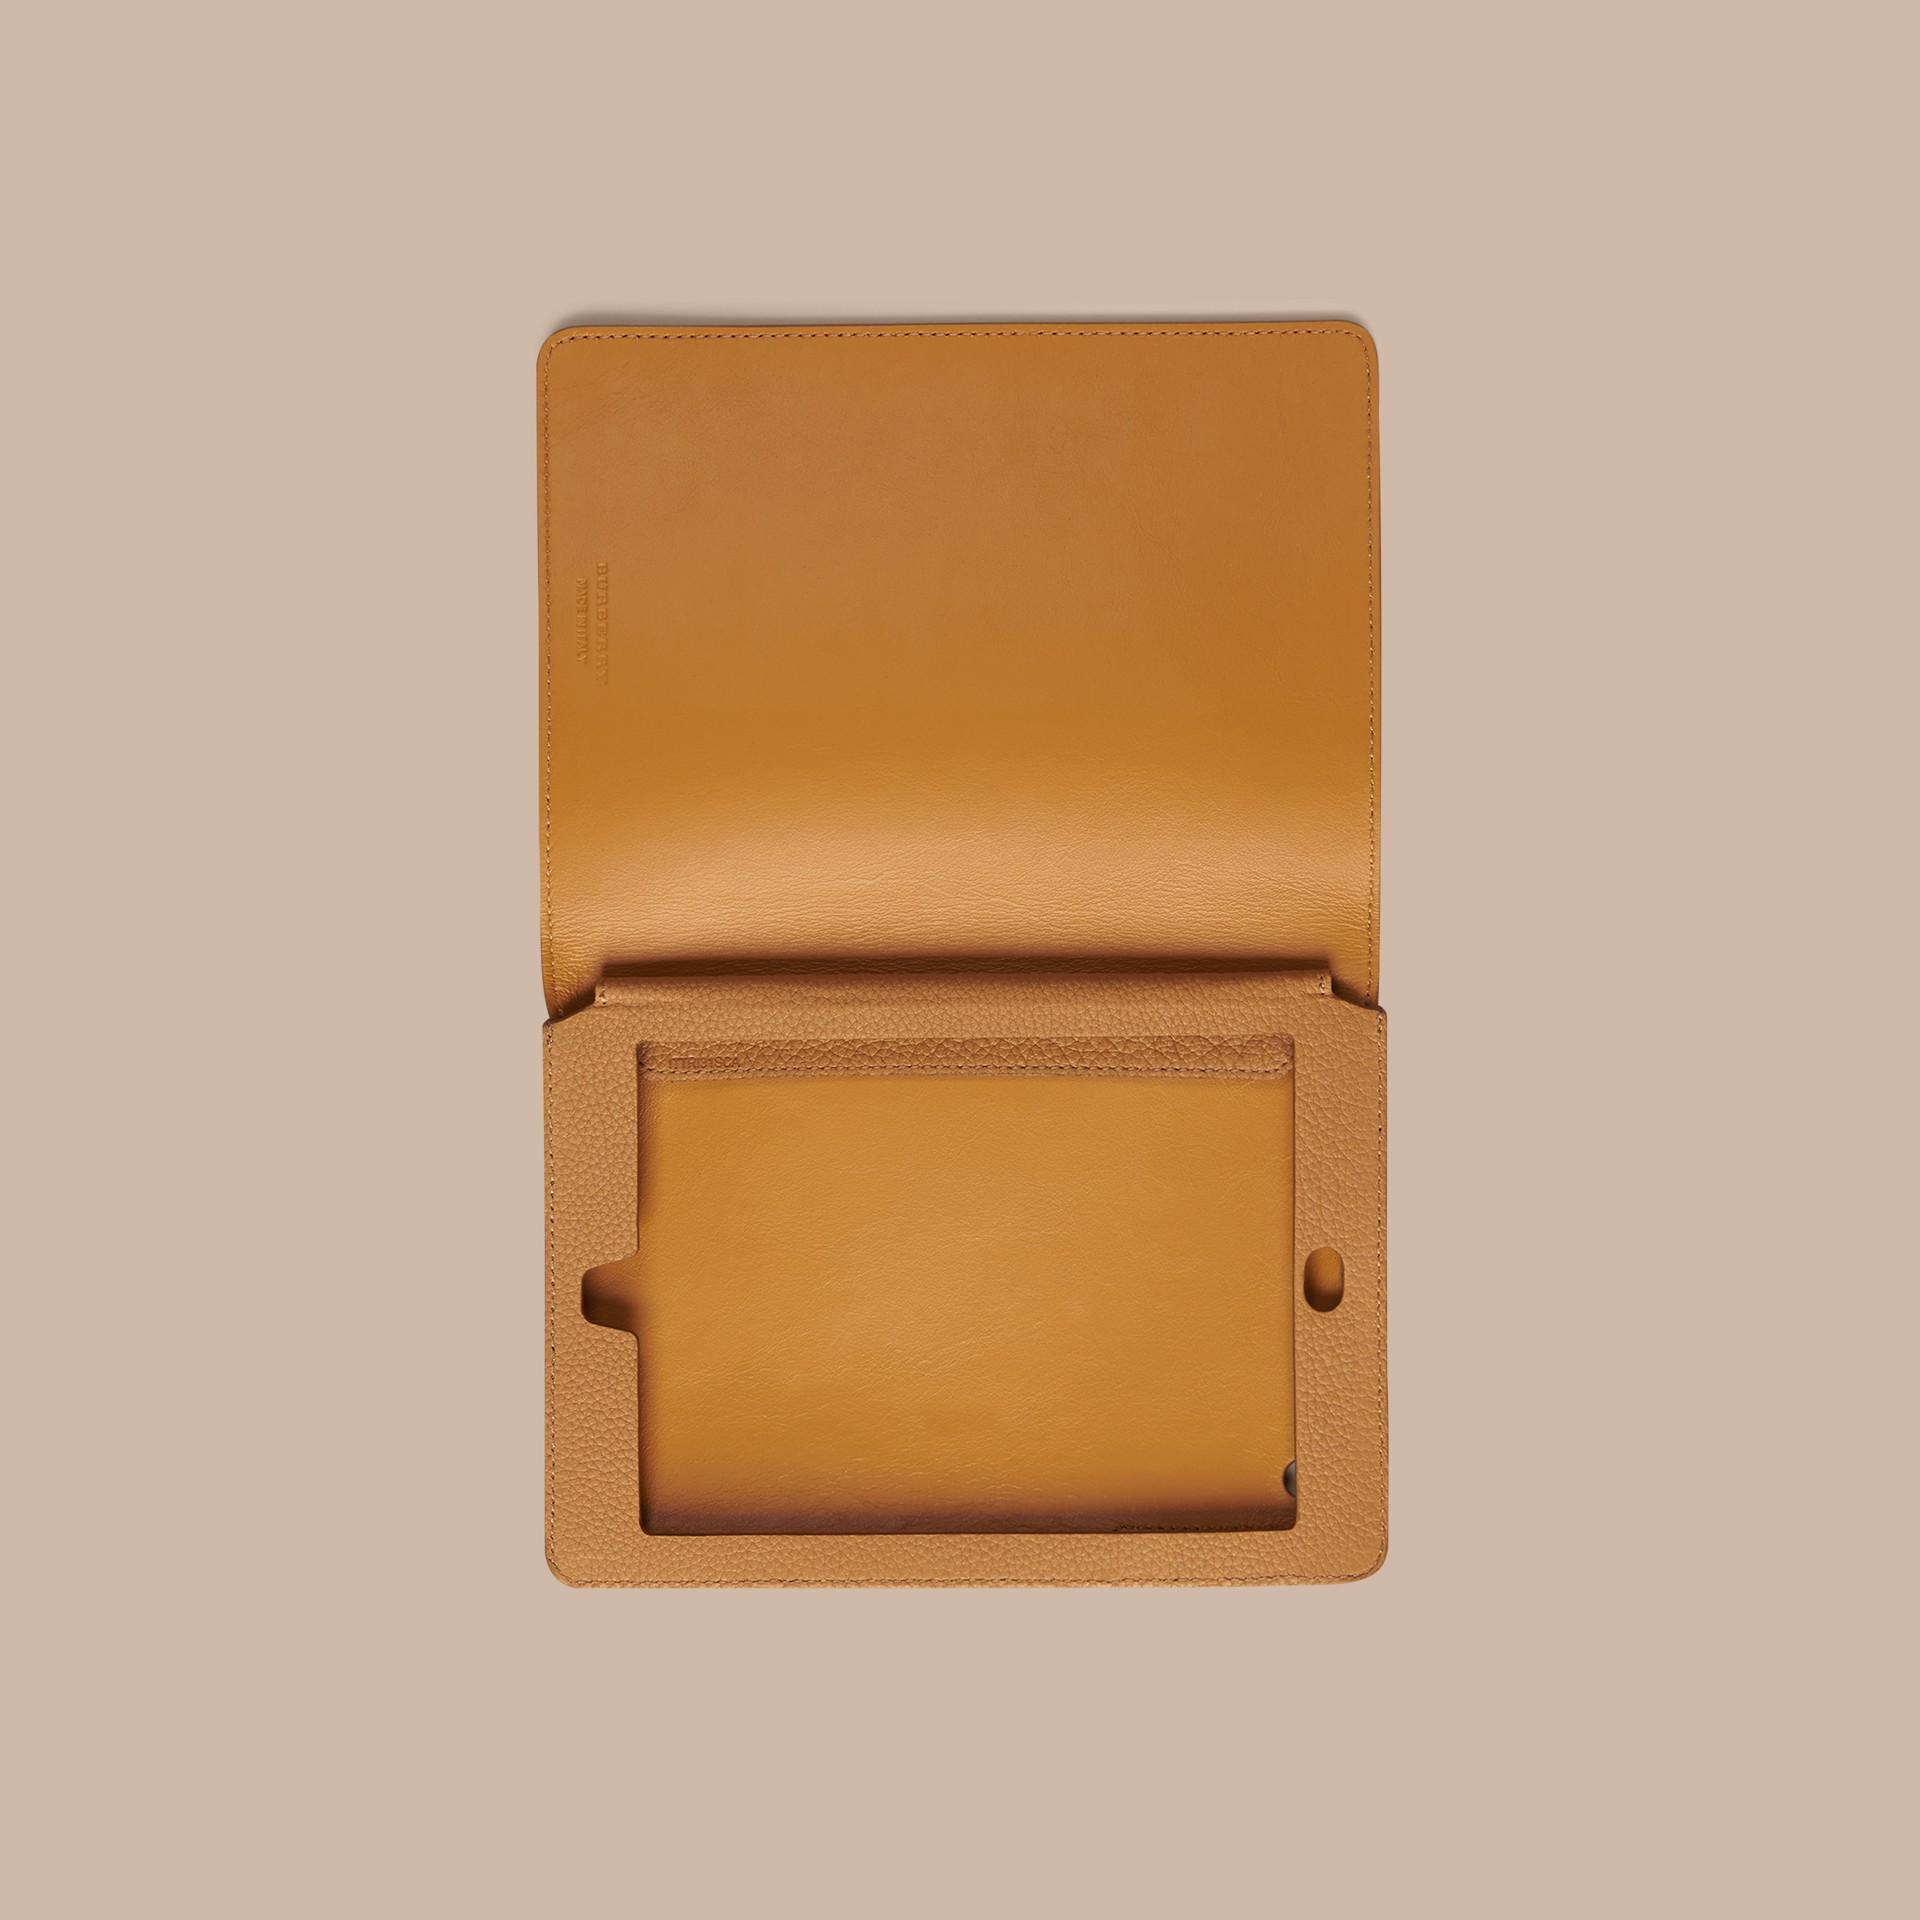 Jaune ocre Étui pour iPad mini en cuir grainé Jaune Ocre - photo de la galerie 2